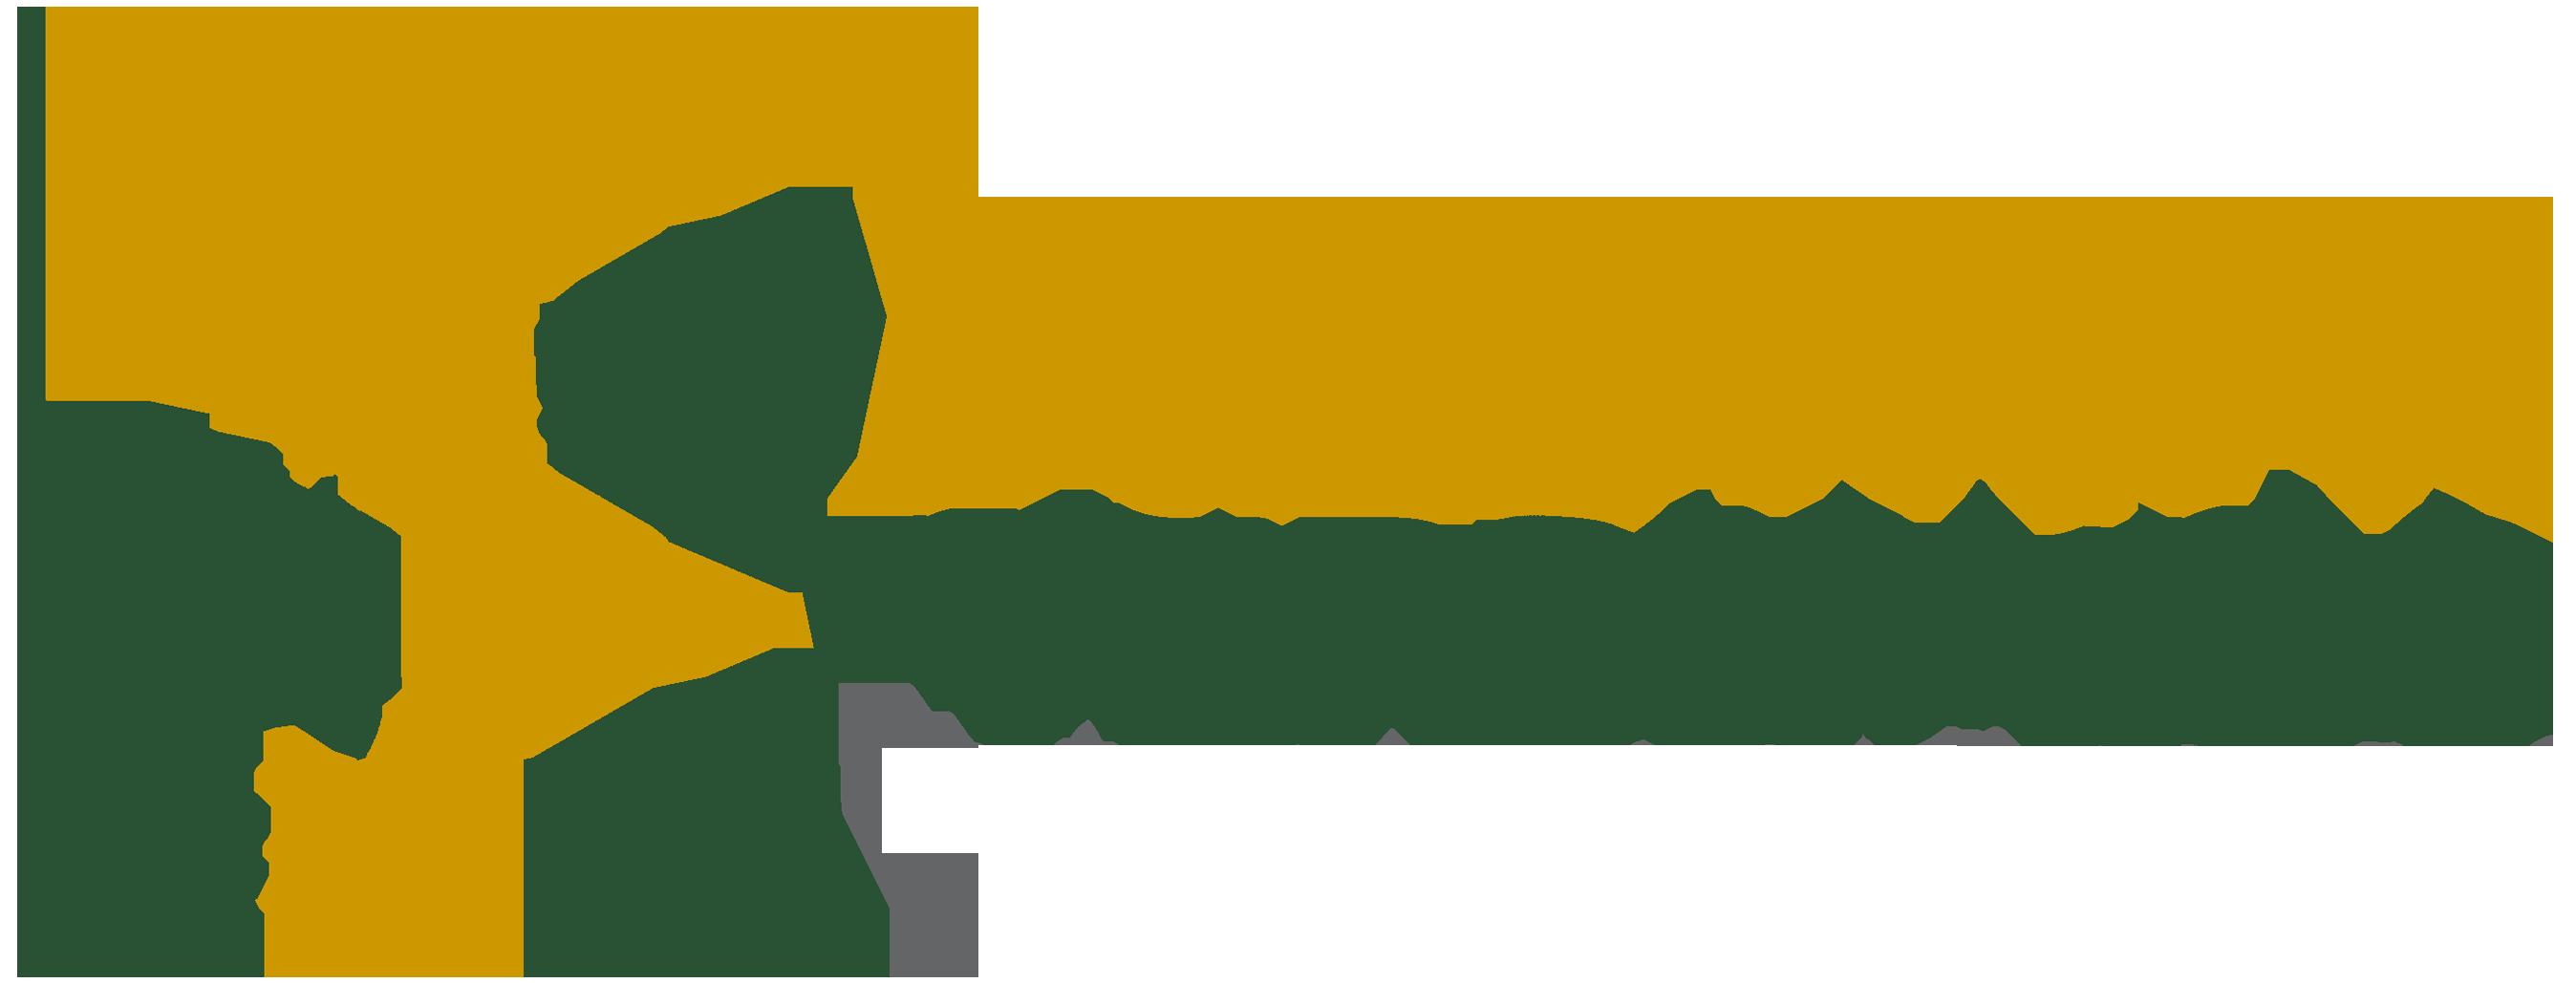 Alumni_logo